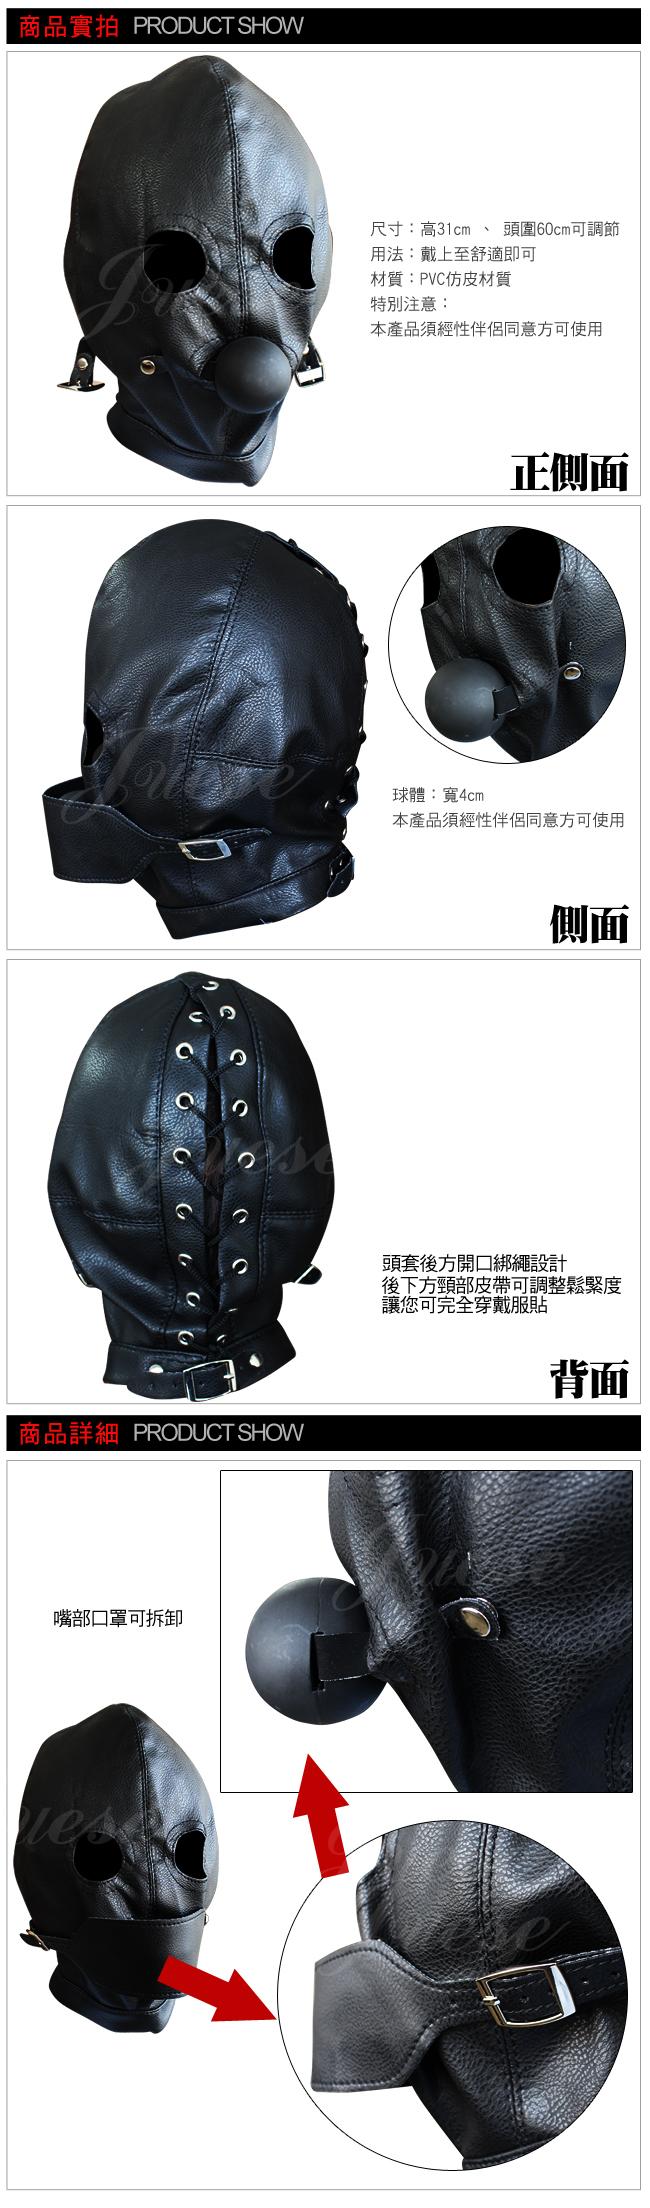 情境SM頭套+口球塞+遮口罩